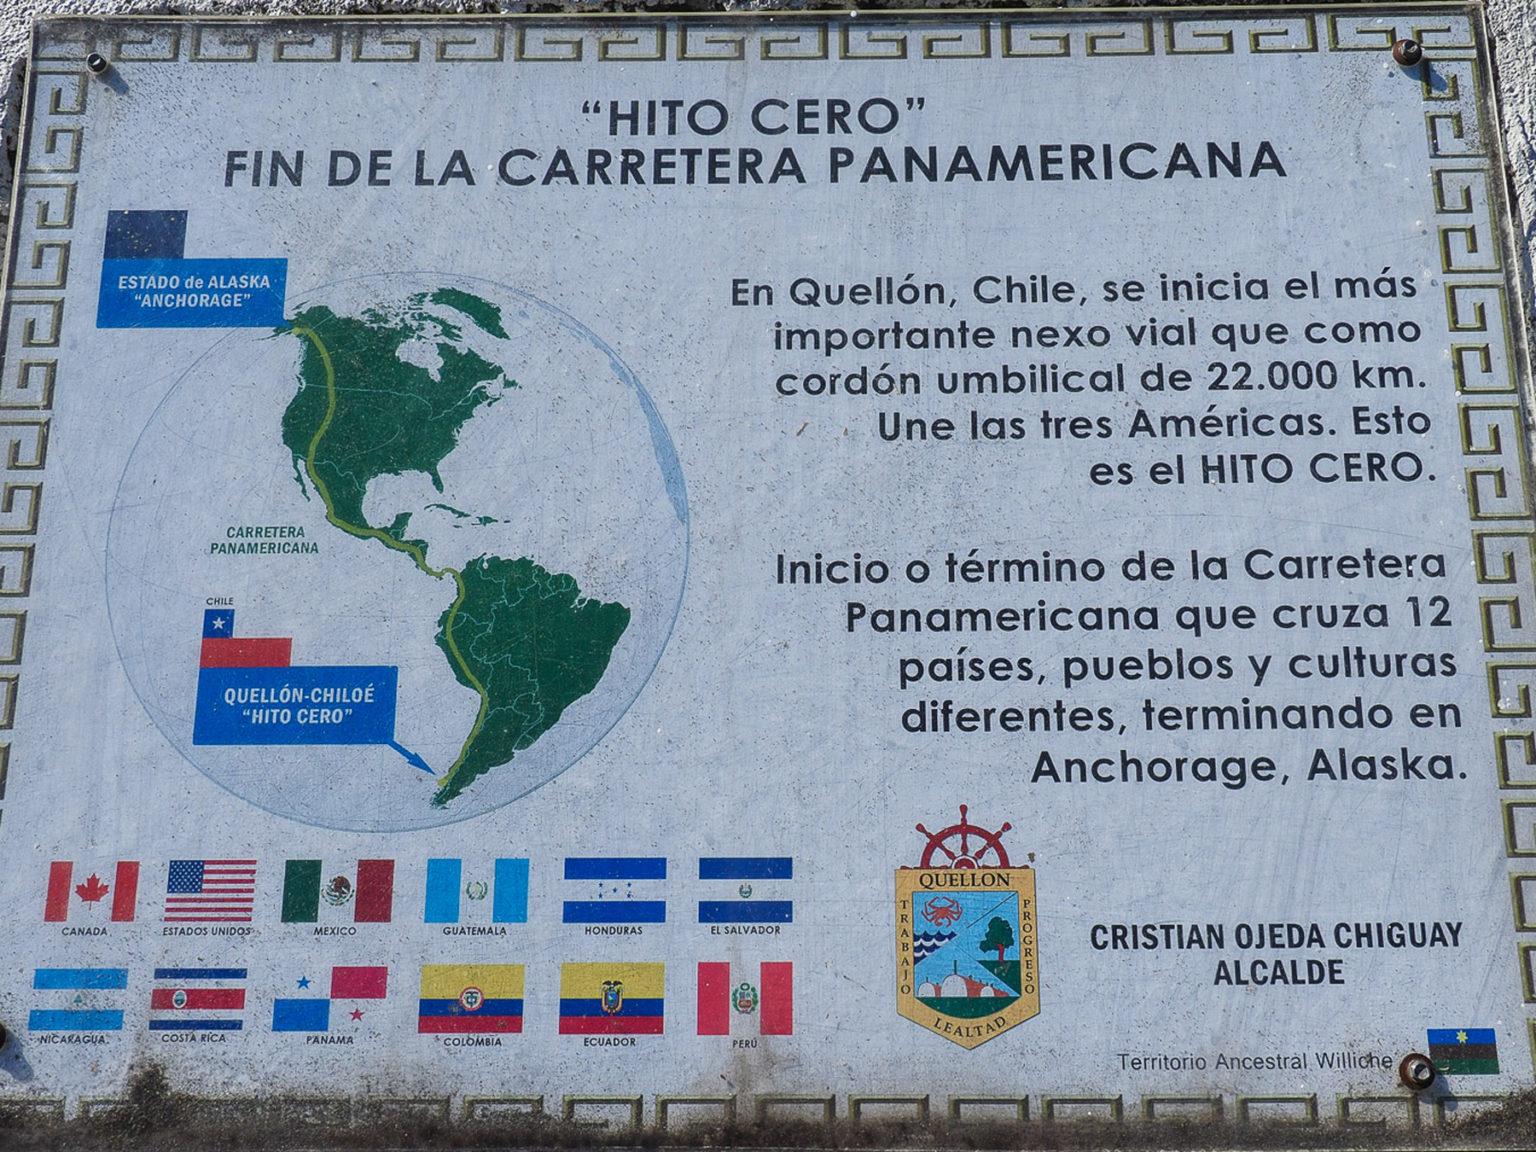 Auf Chiloe ist offiziell der Kilometer 0 der Panamericana